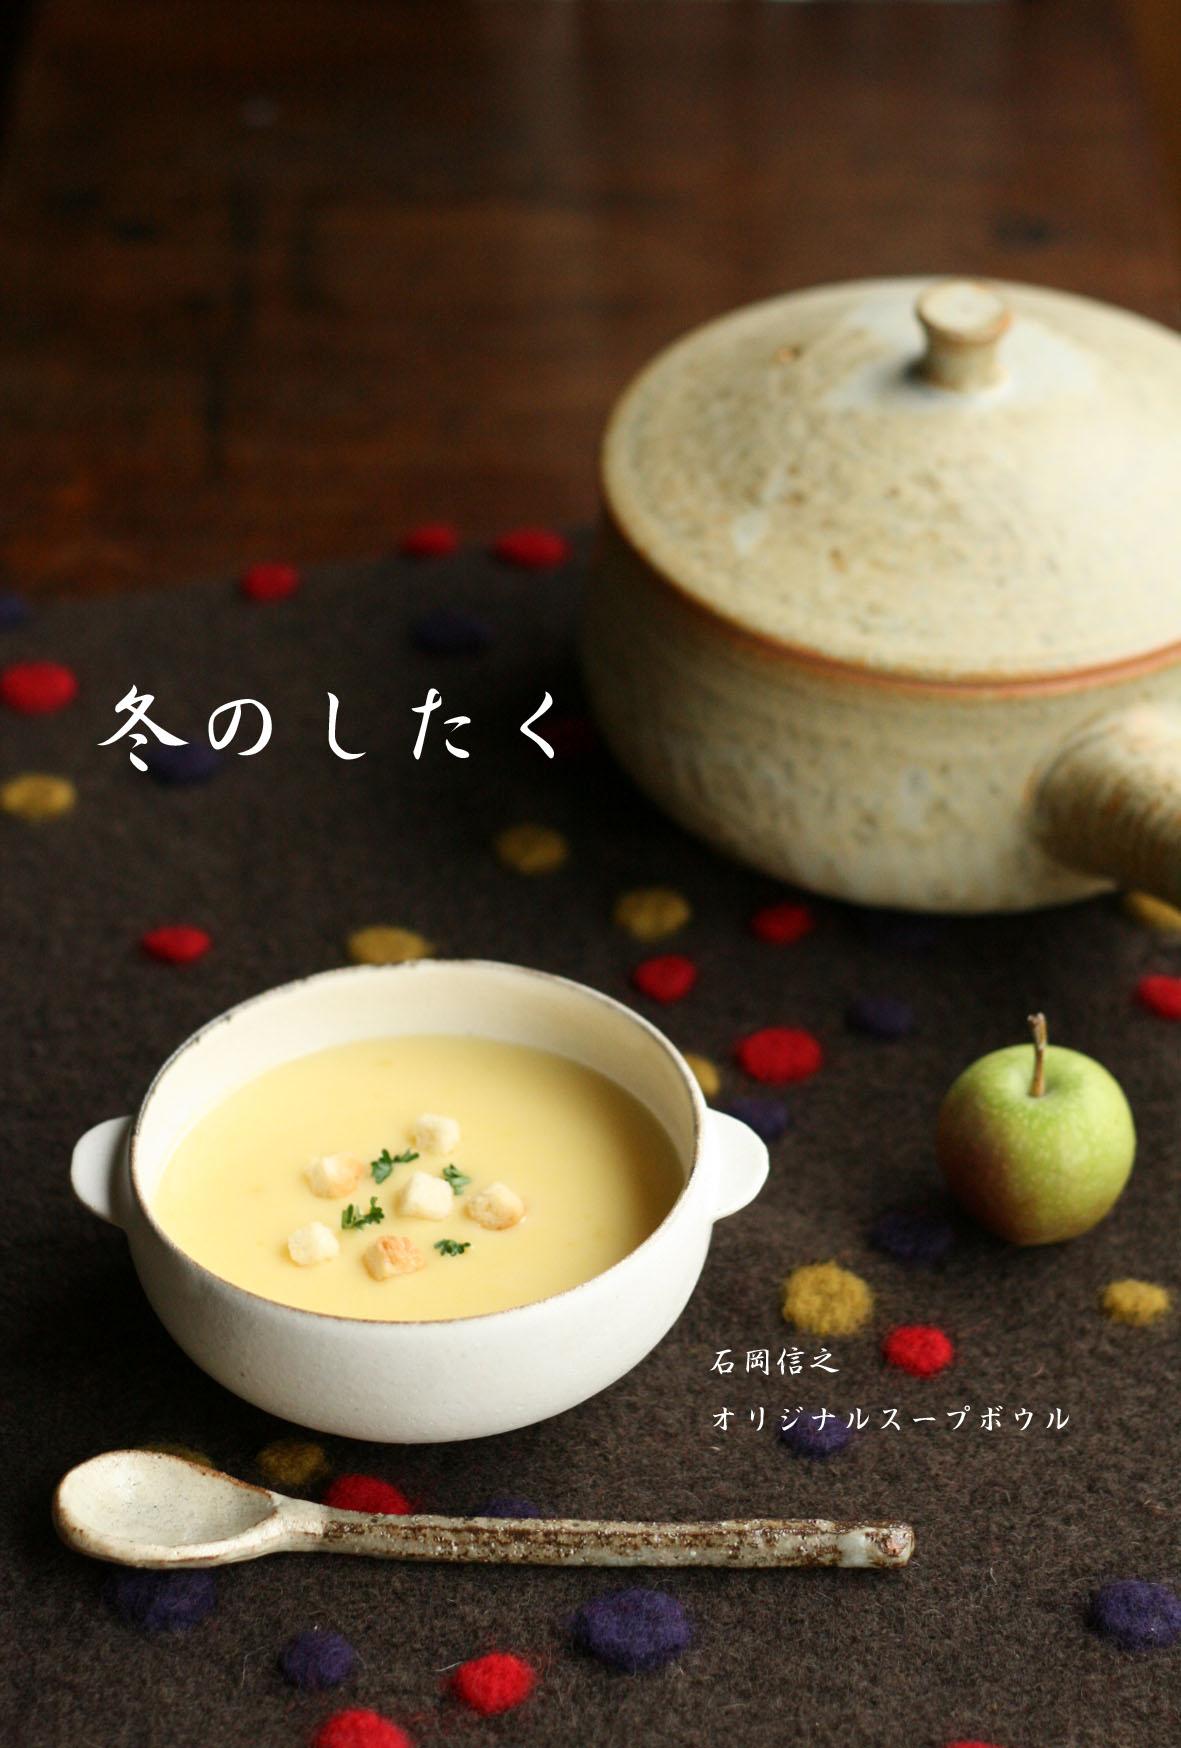 明日から京都で『冬のしたく』展_d0185565_21415283.jpg